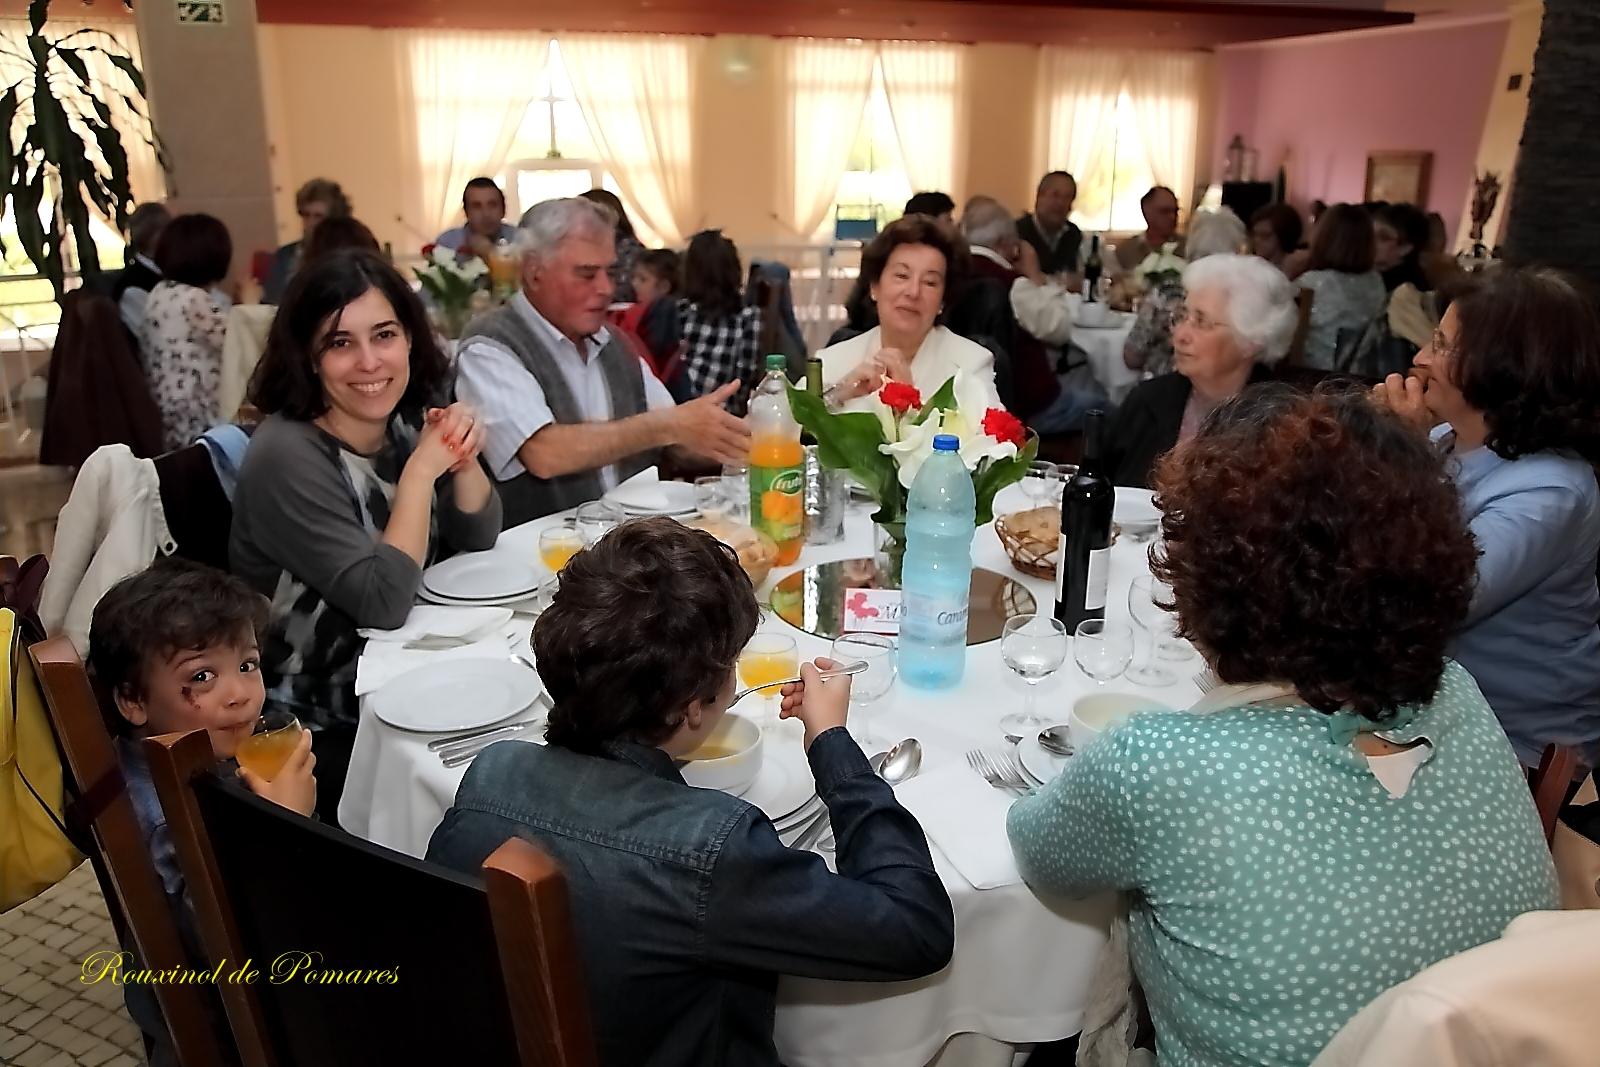 Almoço Comemoração 95 Anos Sociedade  (13)